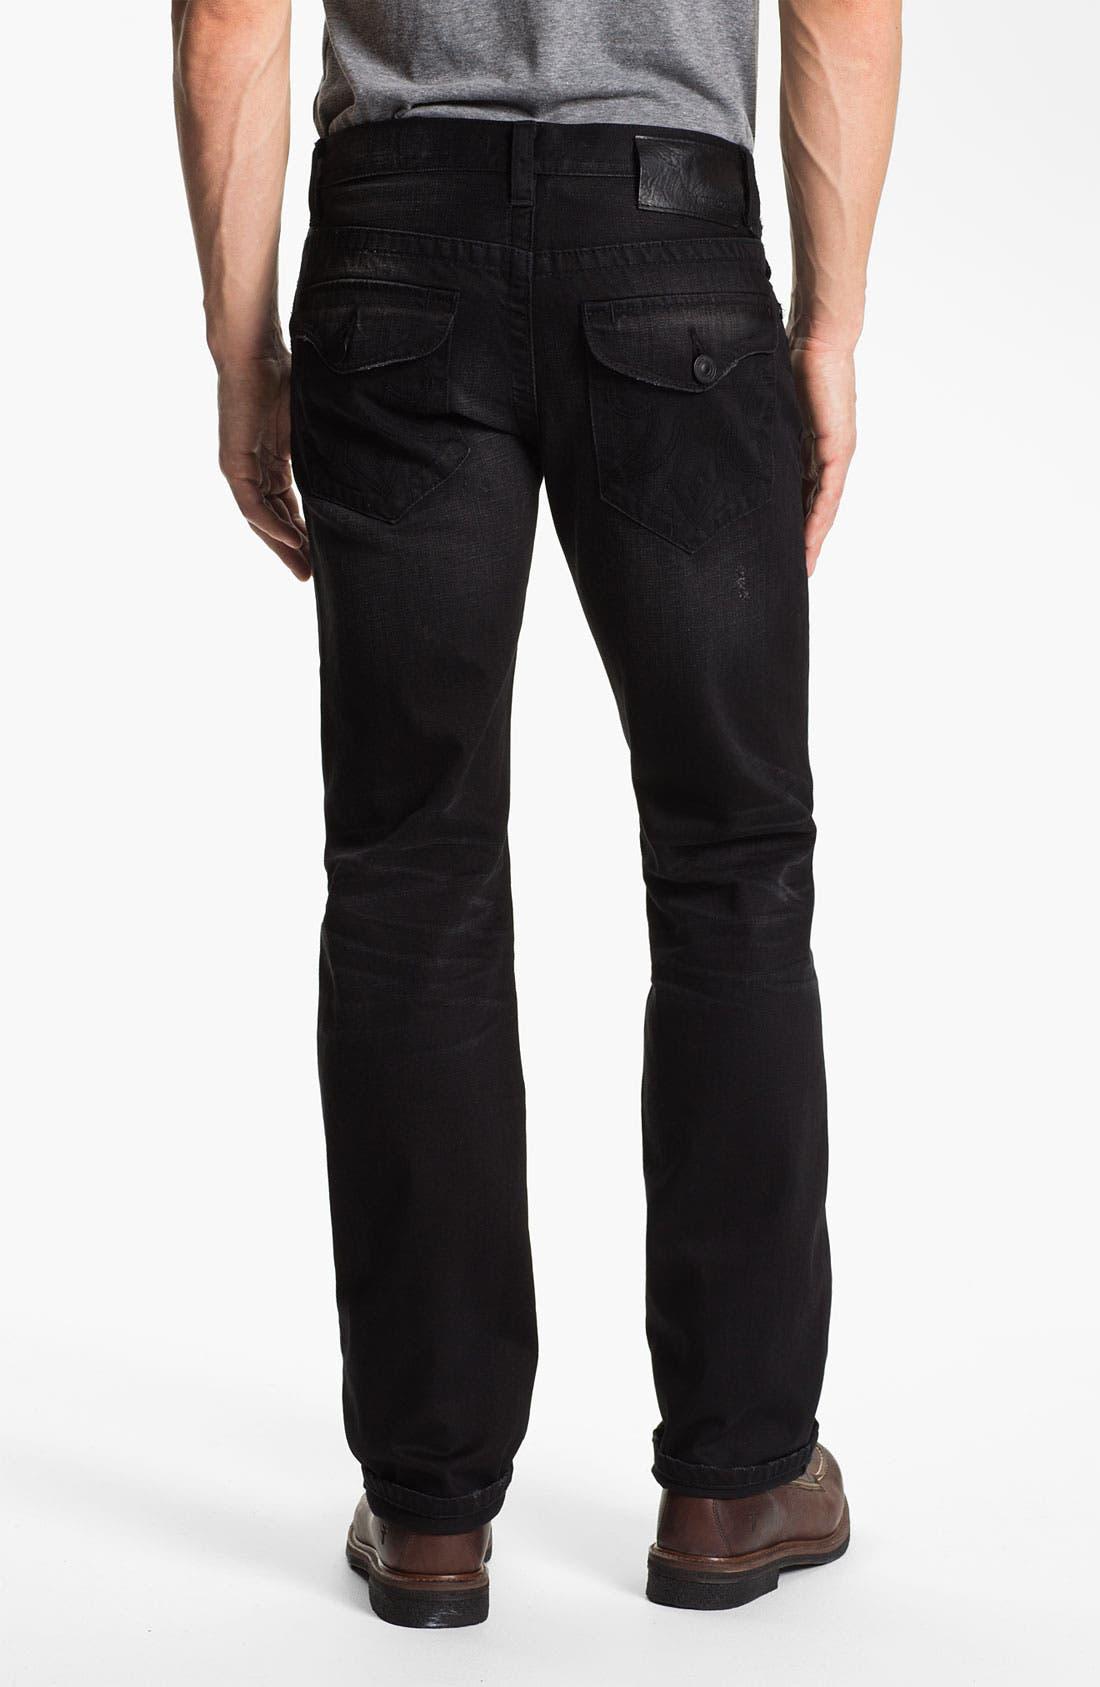 Alternate Image 1 Selected - MEK Denim 'Riley' Straight Leg Jeans (Miner Black)